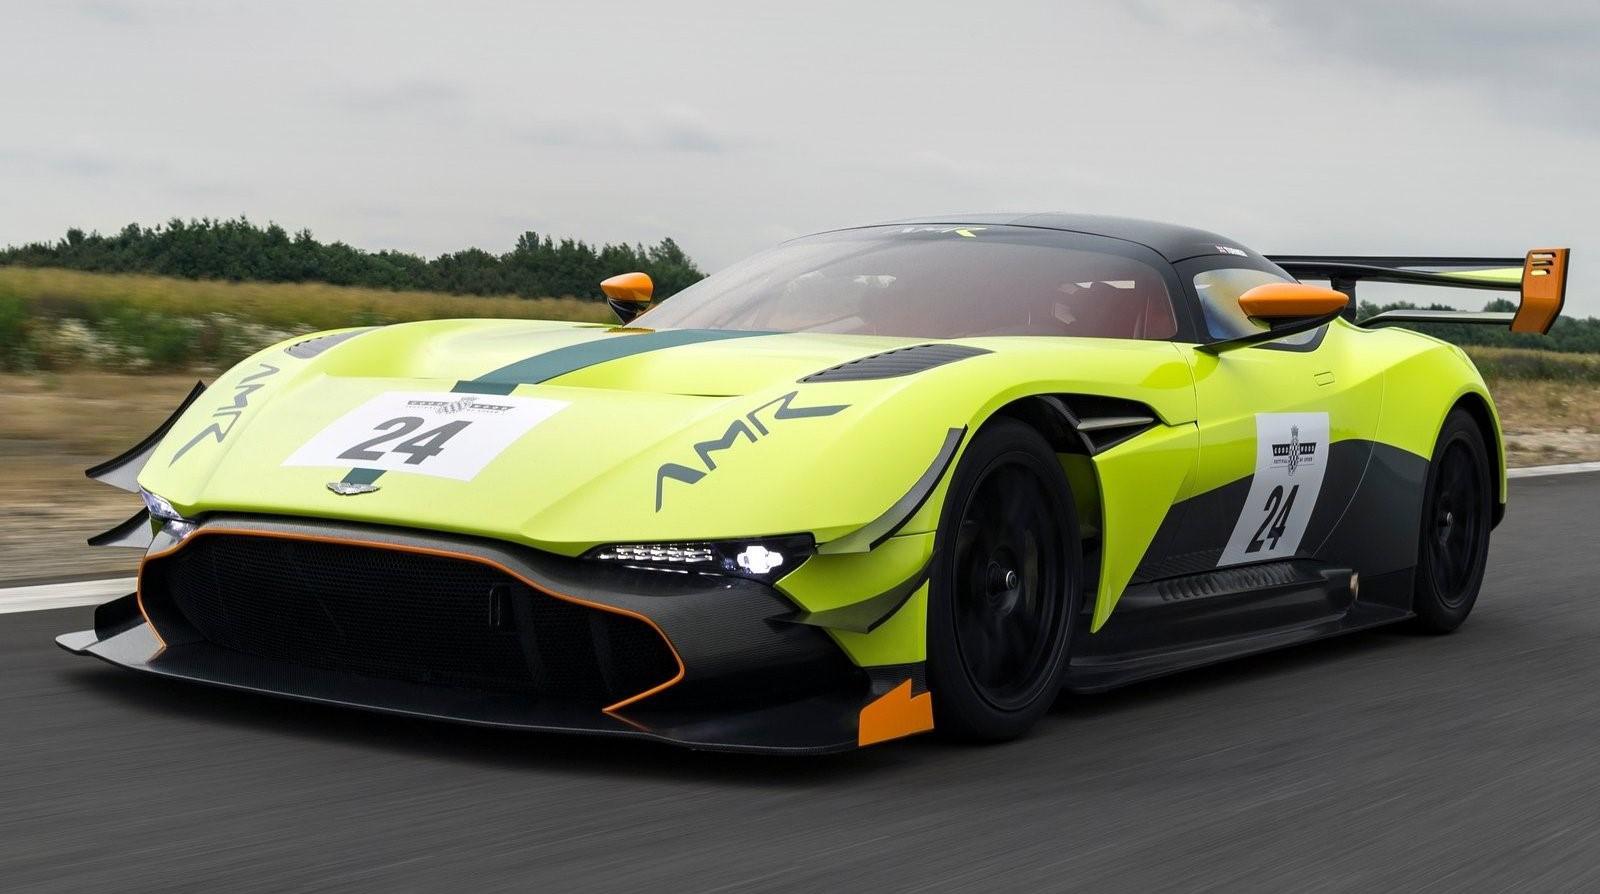 la-voiture-de-piste-la-plus-extreme-au-monde-aston-martin-vulcan-amr-pro-1308-1.jpg